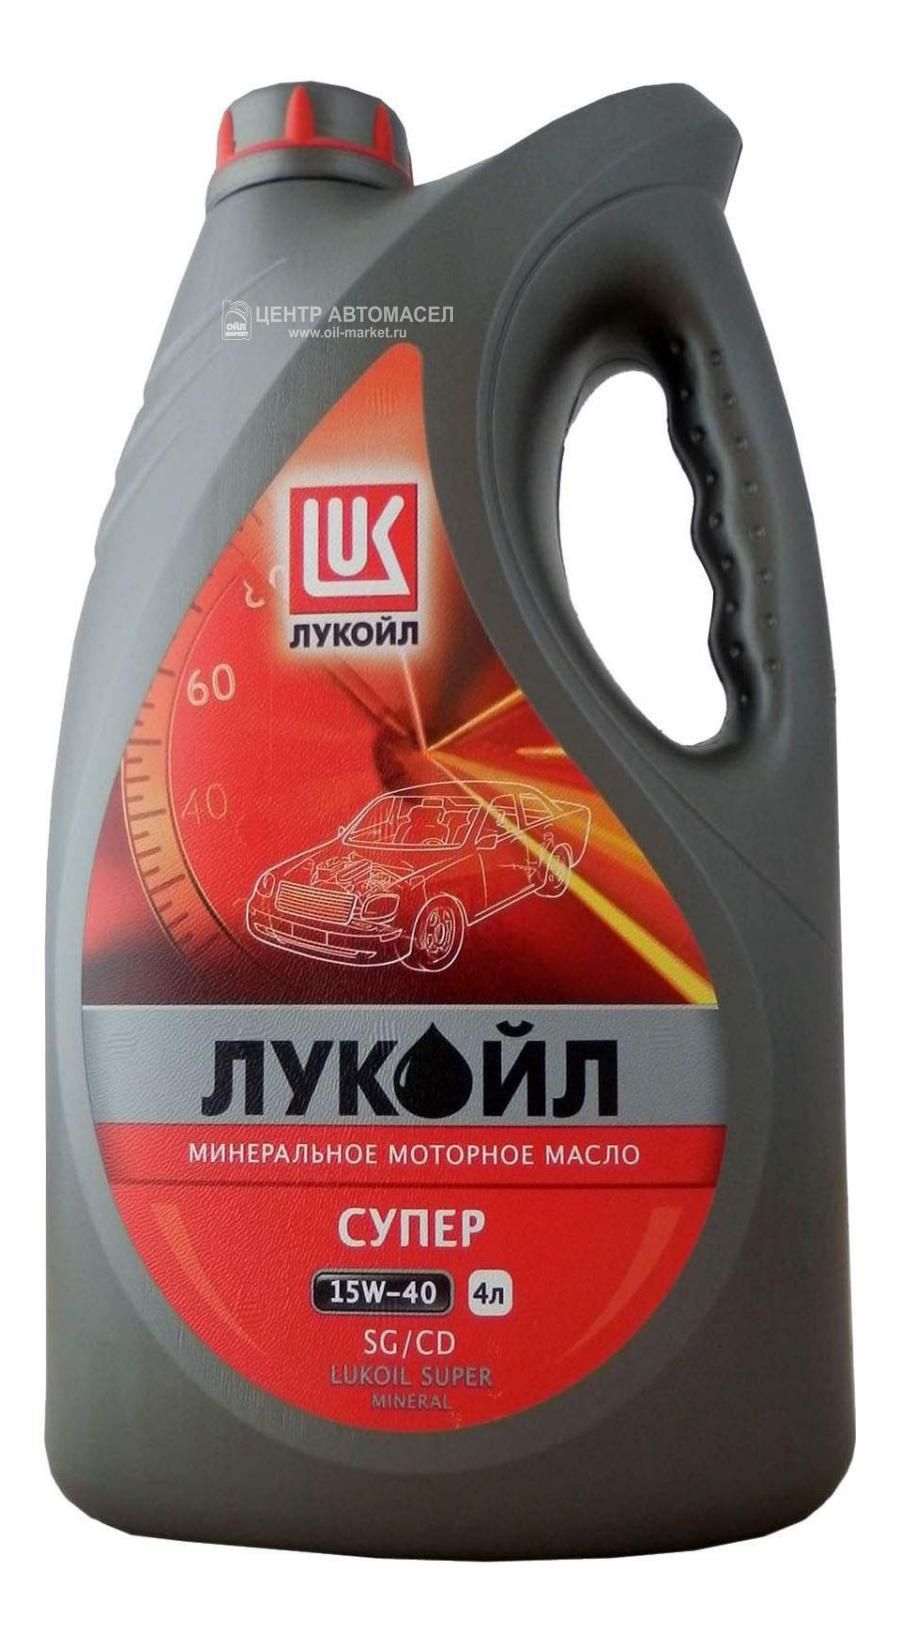 Масло моторное минеральное Супер 15W-40, 4л